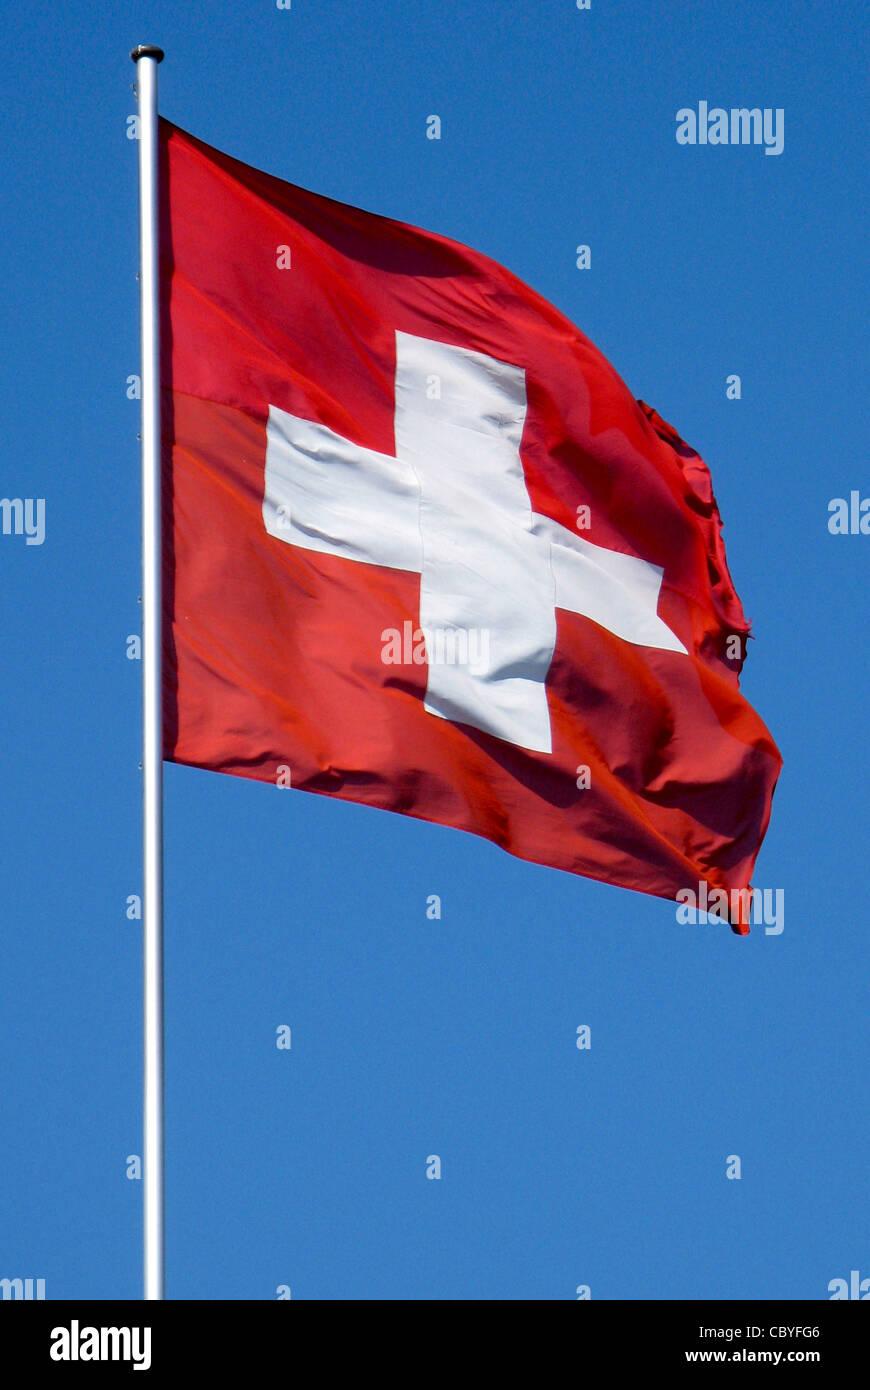 National flag of Switzerland. - Stock Image